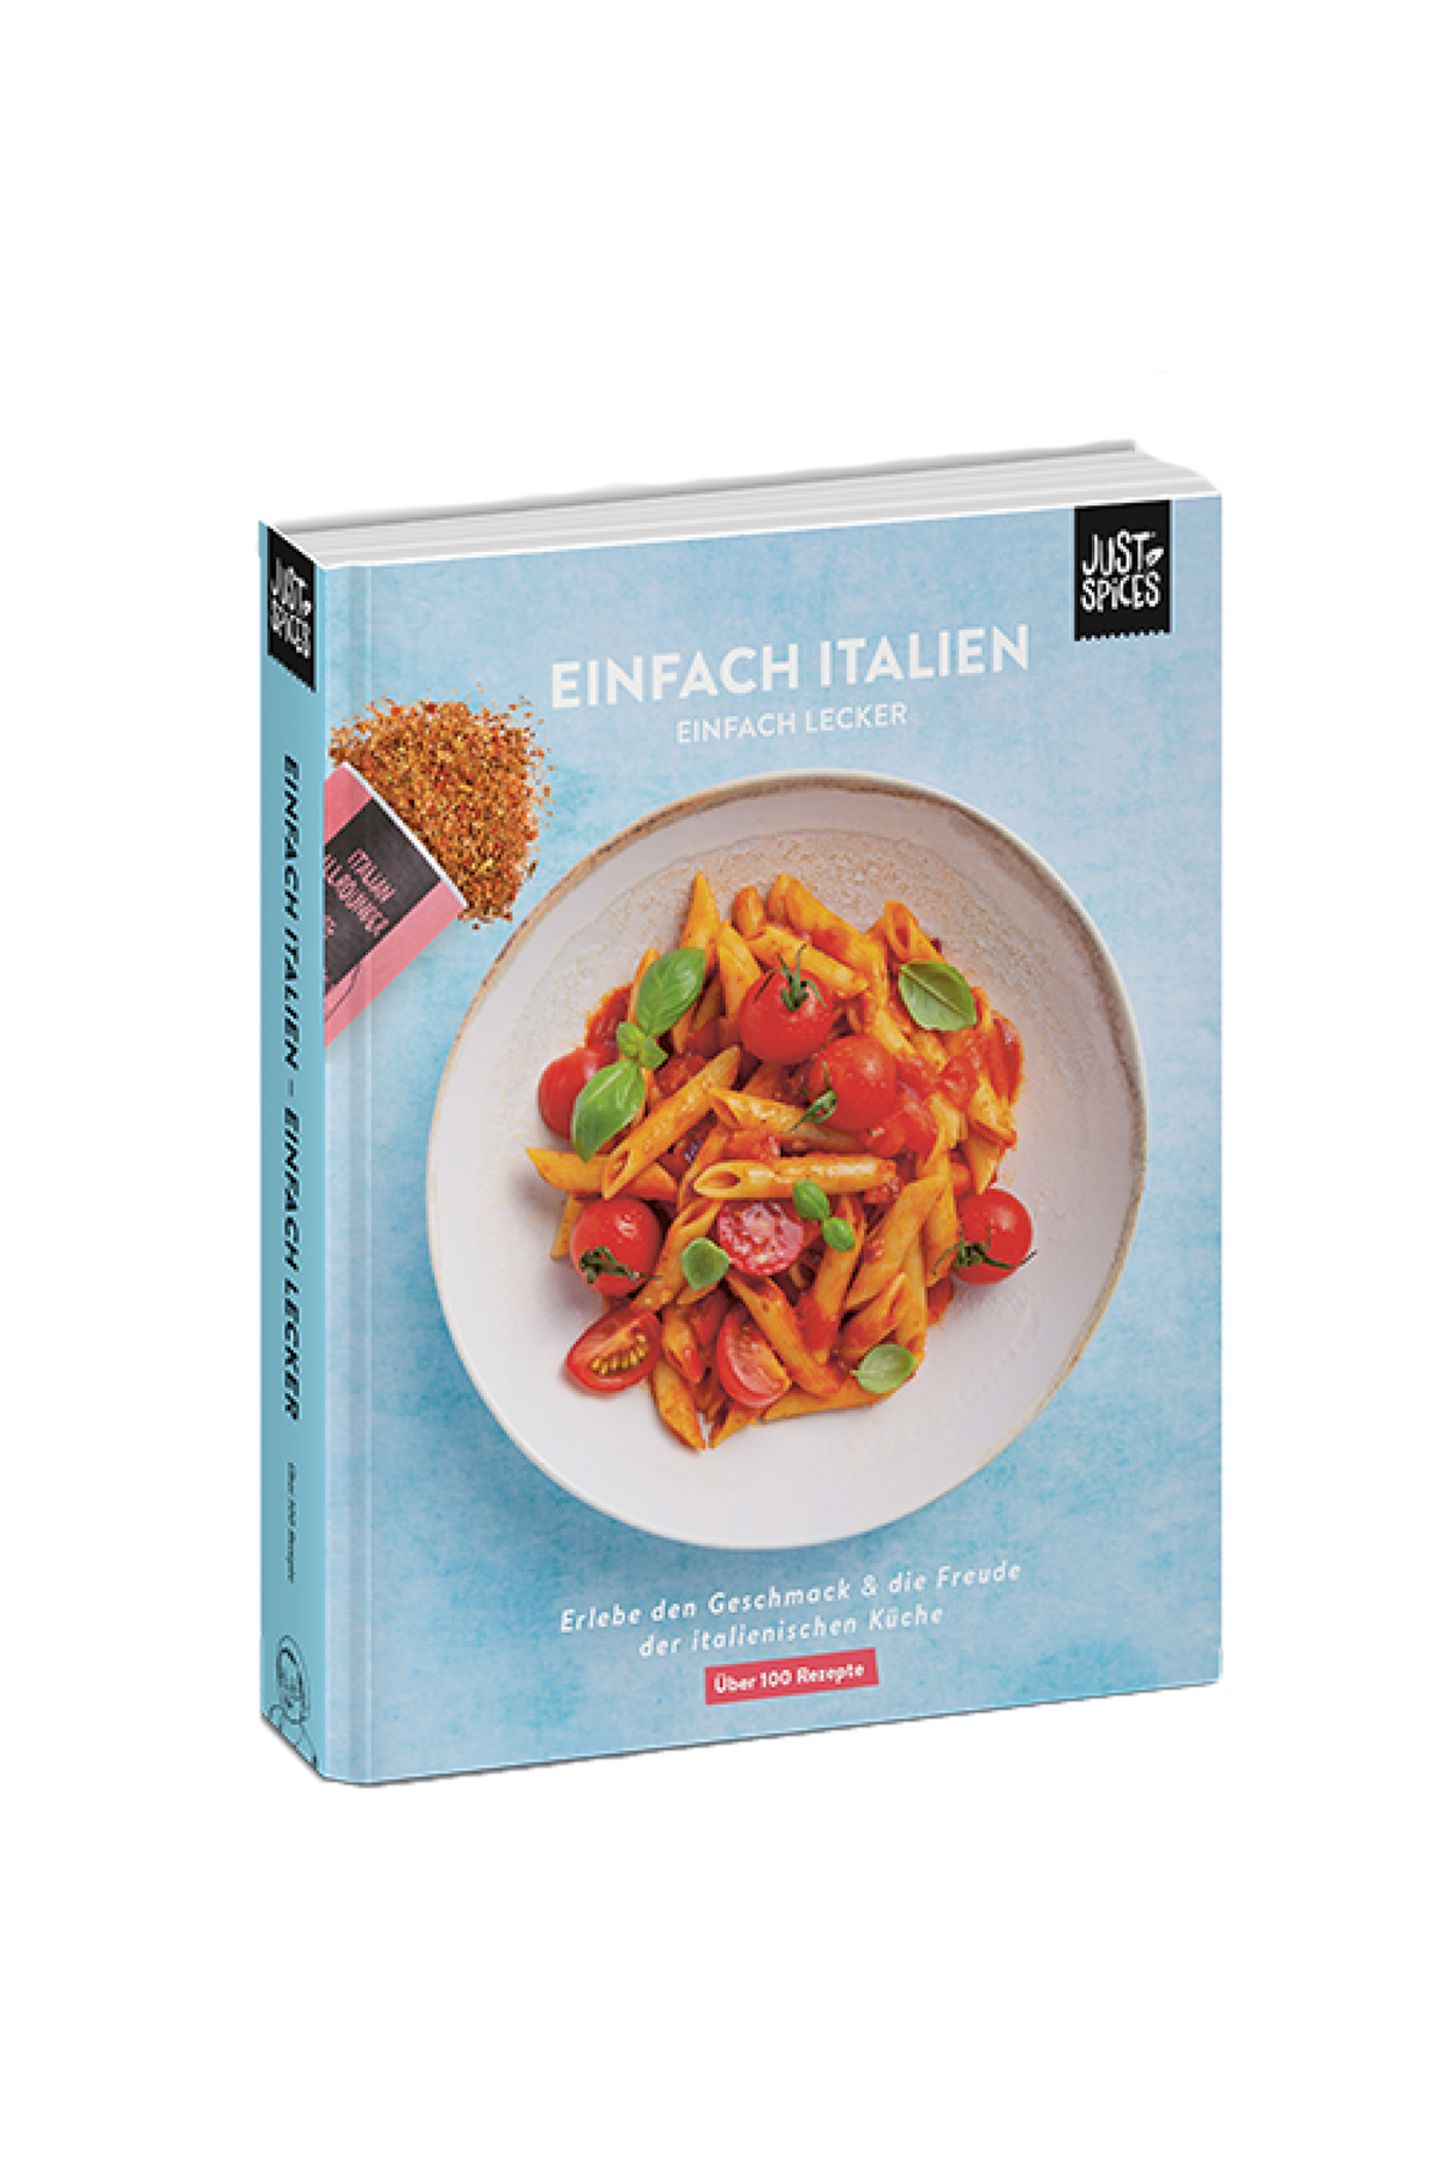 """Dolce Vita in der eigenen KücheSmarte Rezepte, die wirklich gelingen und fantastisch schmecken, versetzen uns gedanklich ins wohl leckerste Land Europas. """"Einfach Italien"""" von Just Spices, ca. 25 Euro"""